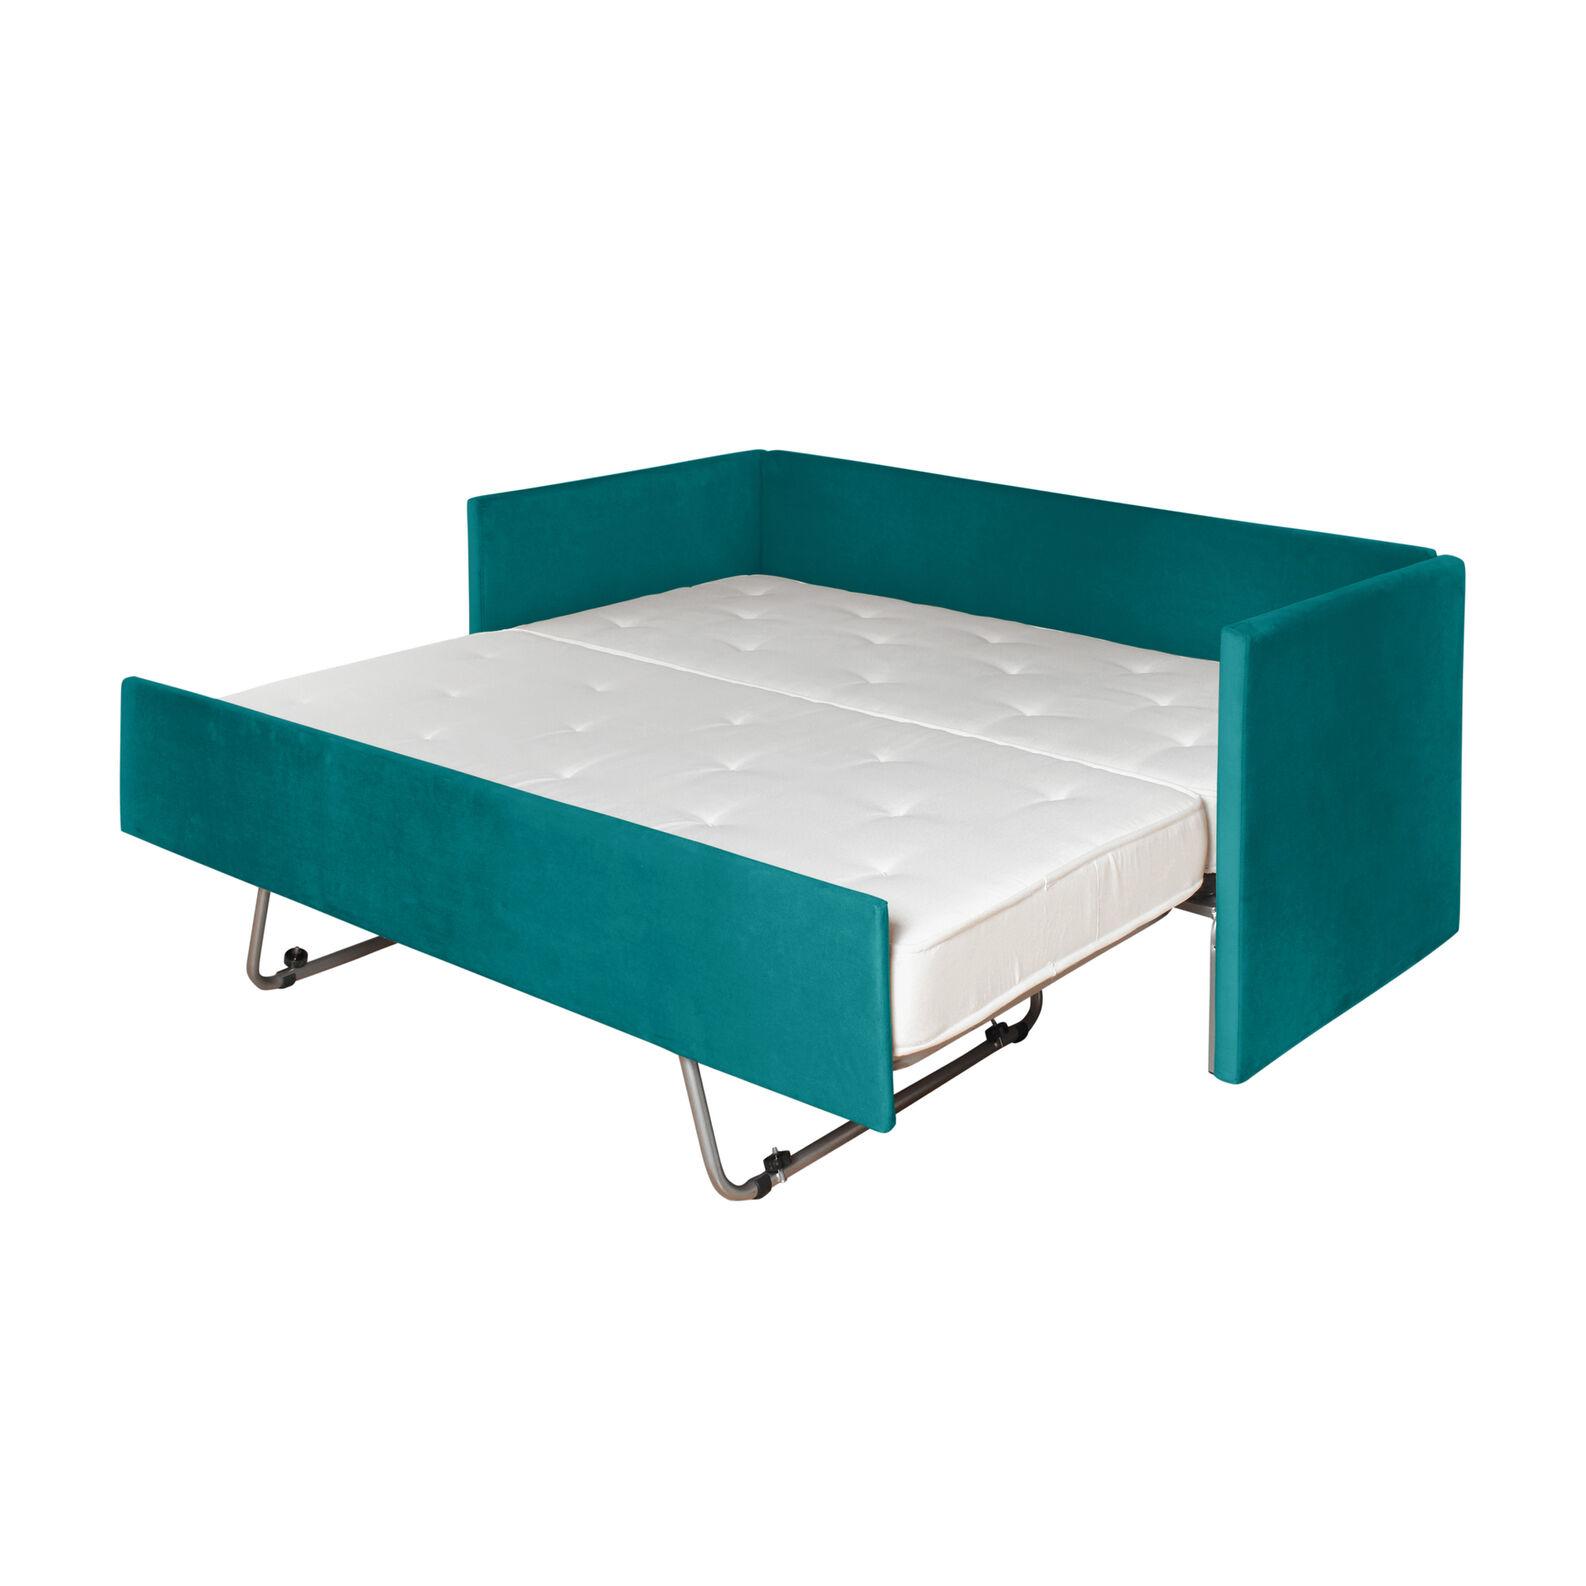 Multi sofa bed